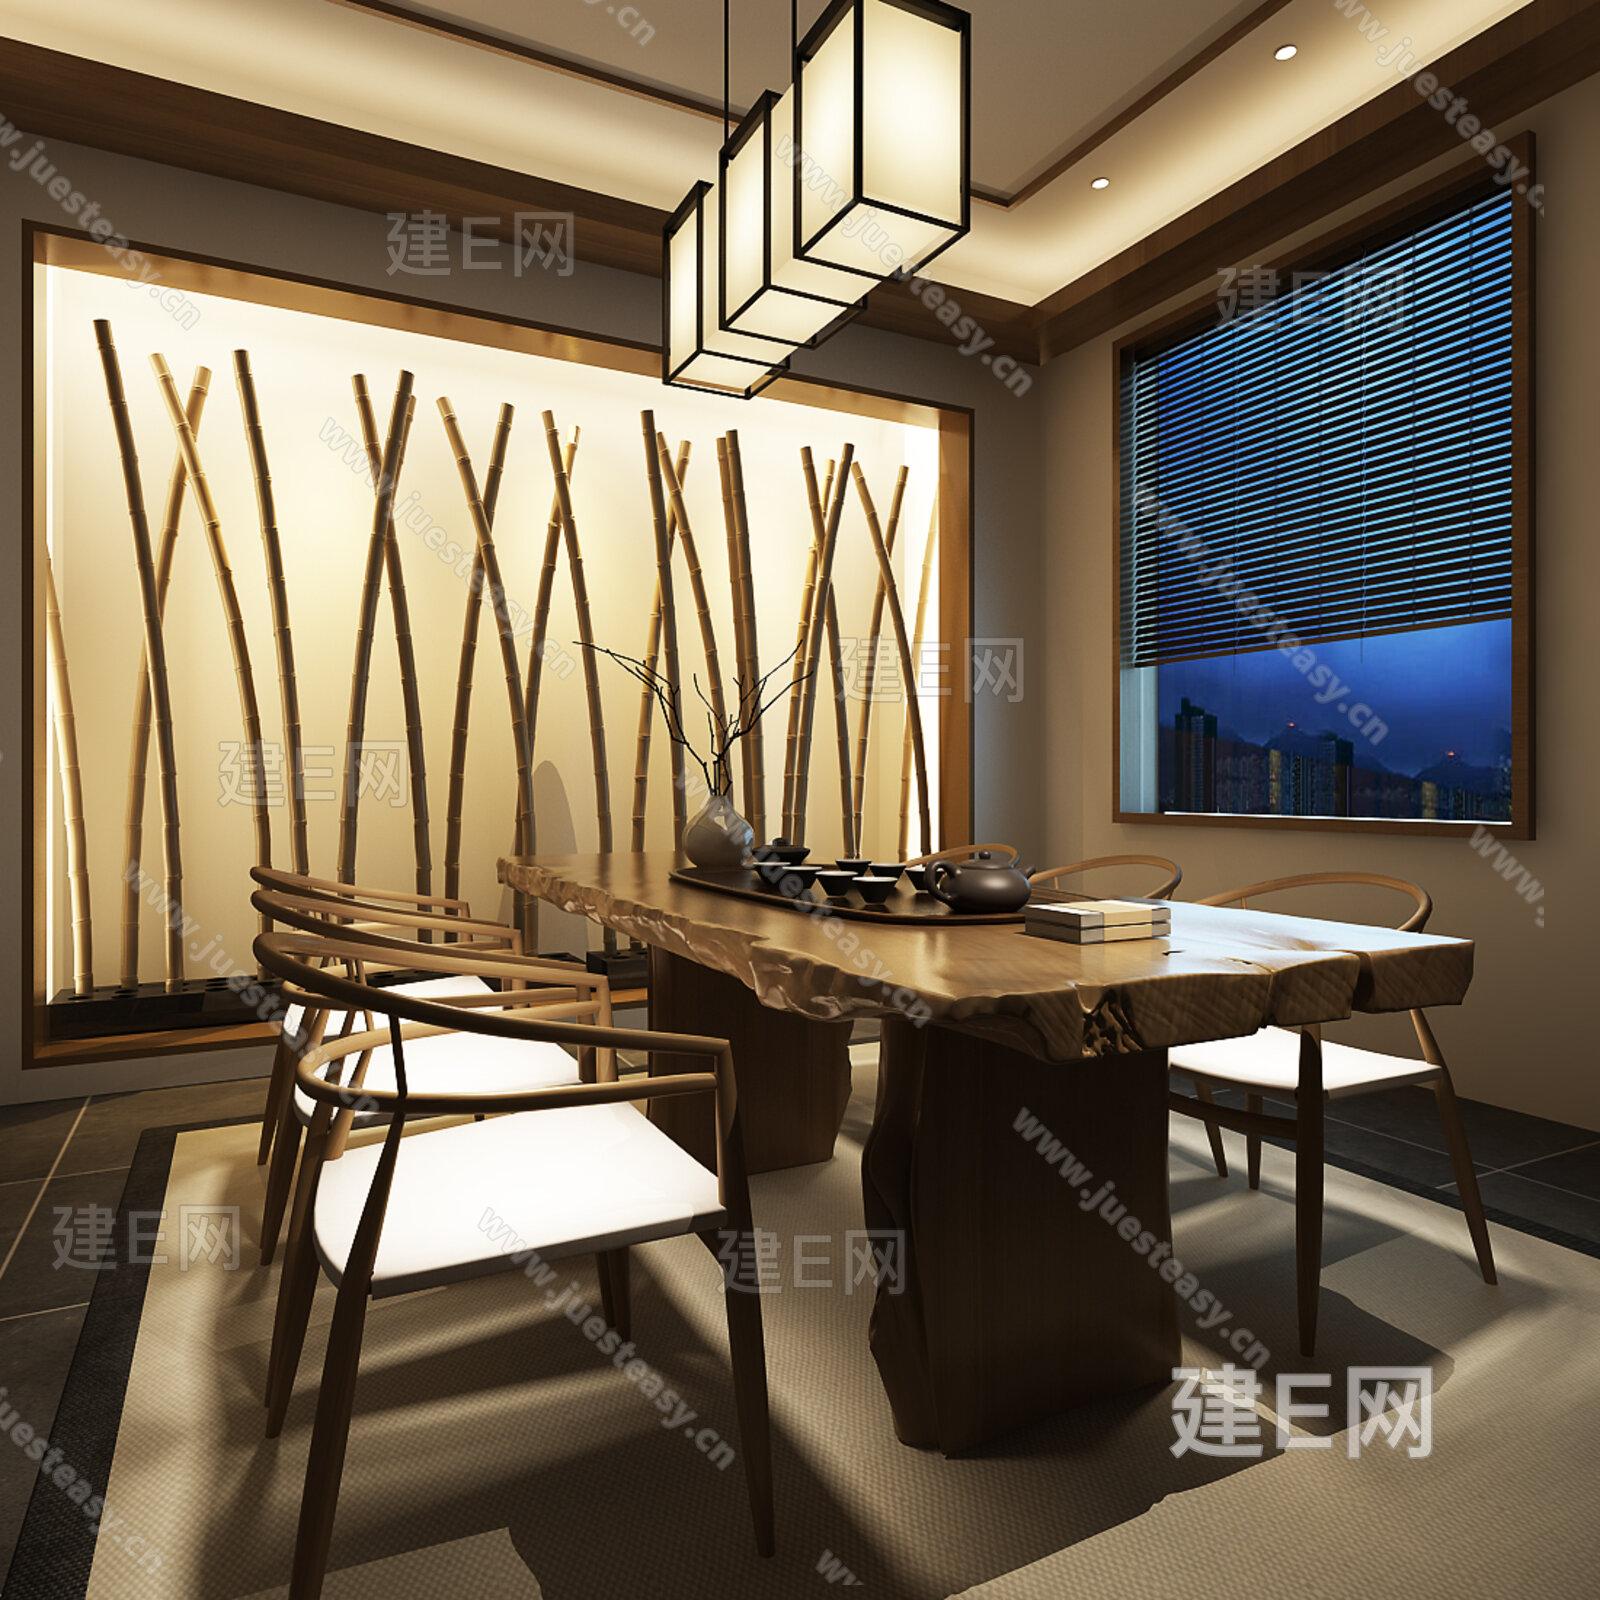 新中式东南亚茶室桌椅组合[模型id:146661]